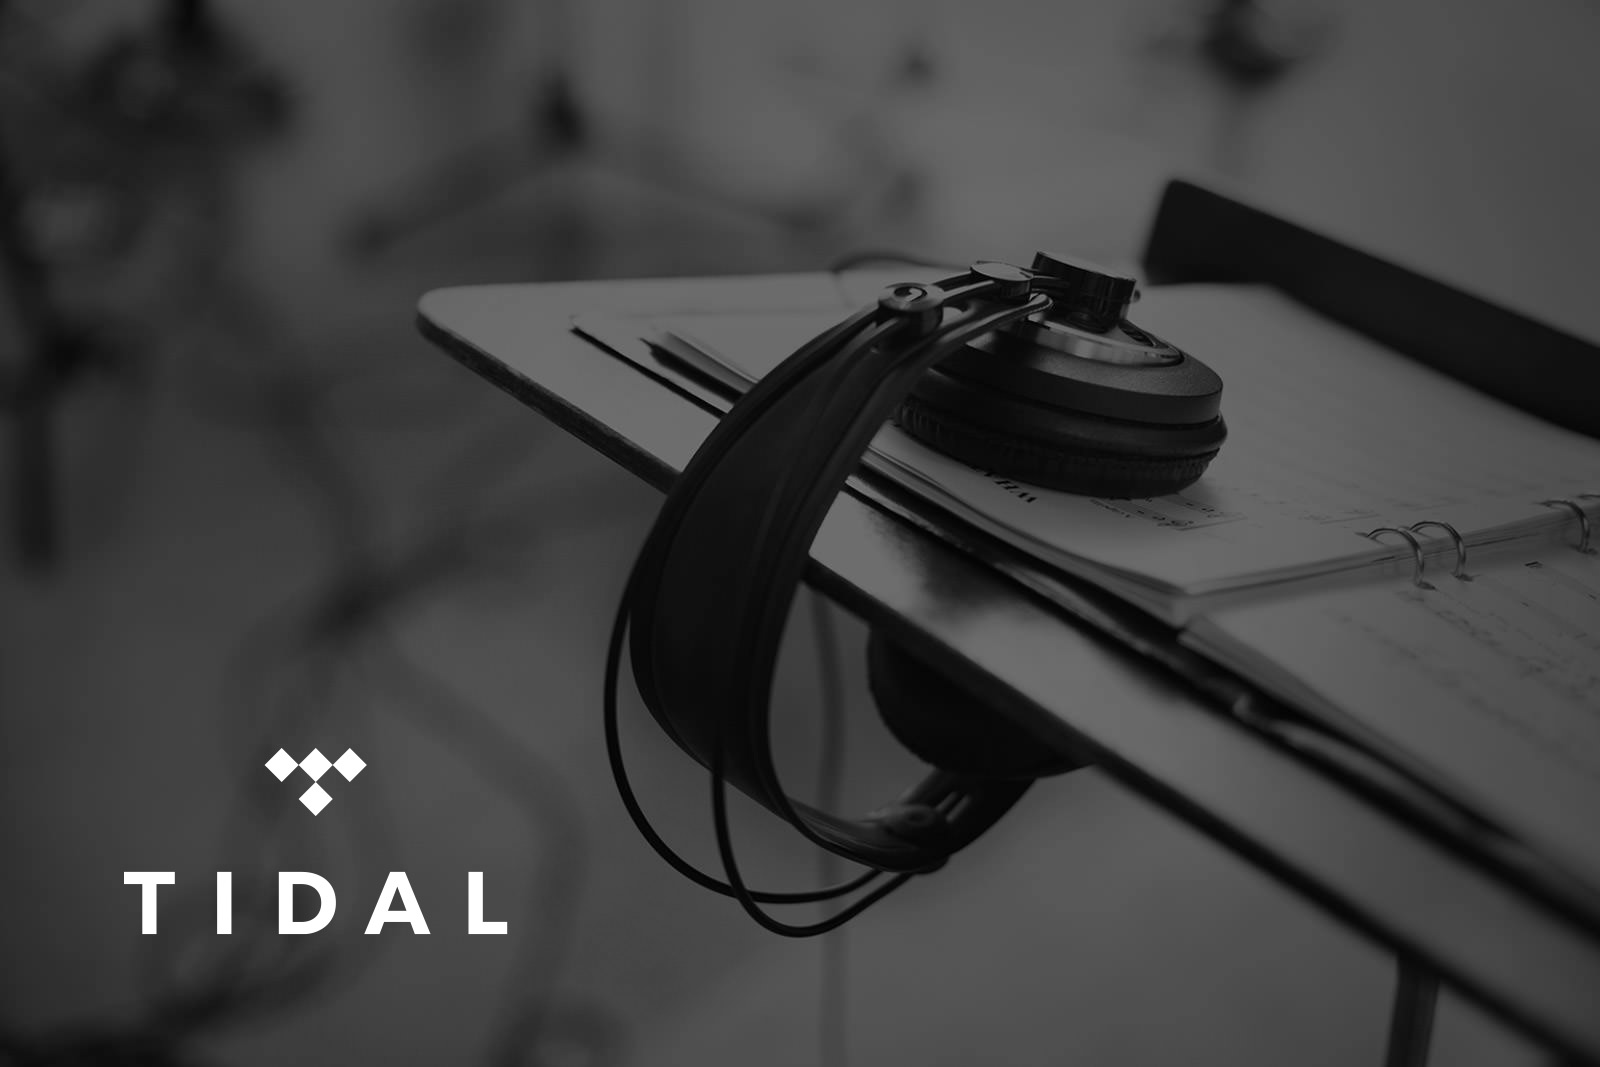 Tidal Music